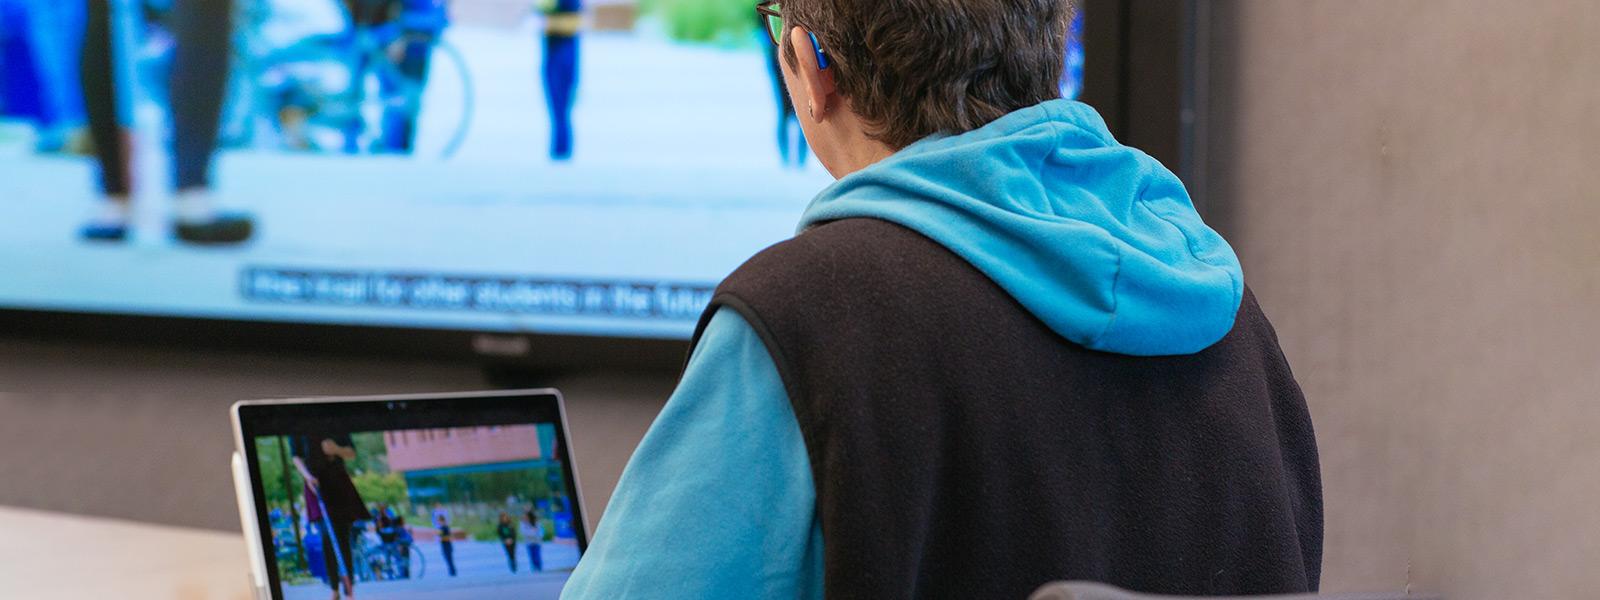 Ženska, ki uporablja slušni aparat, gleda videopredstavitev s podnapisi